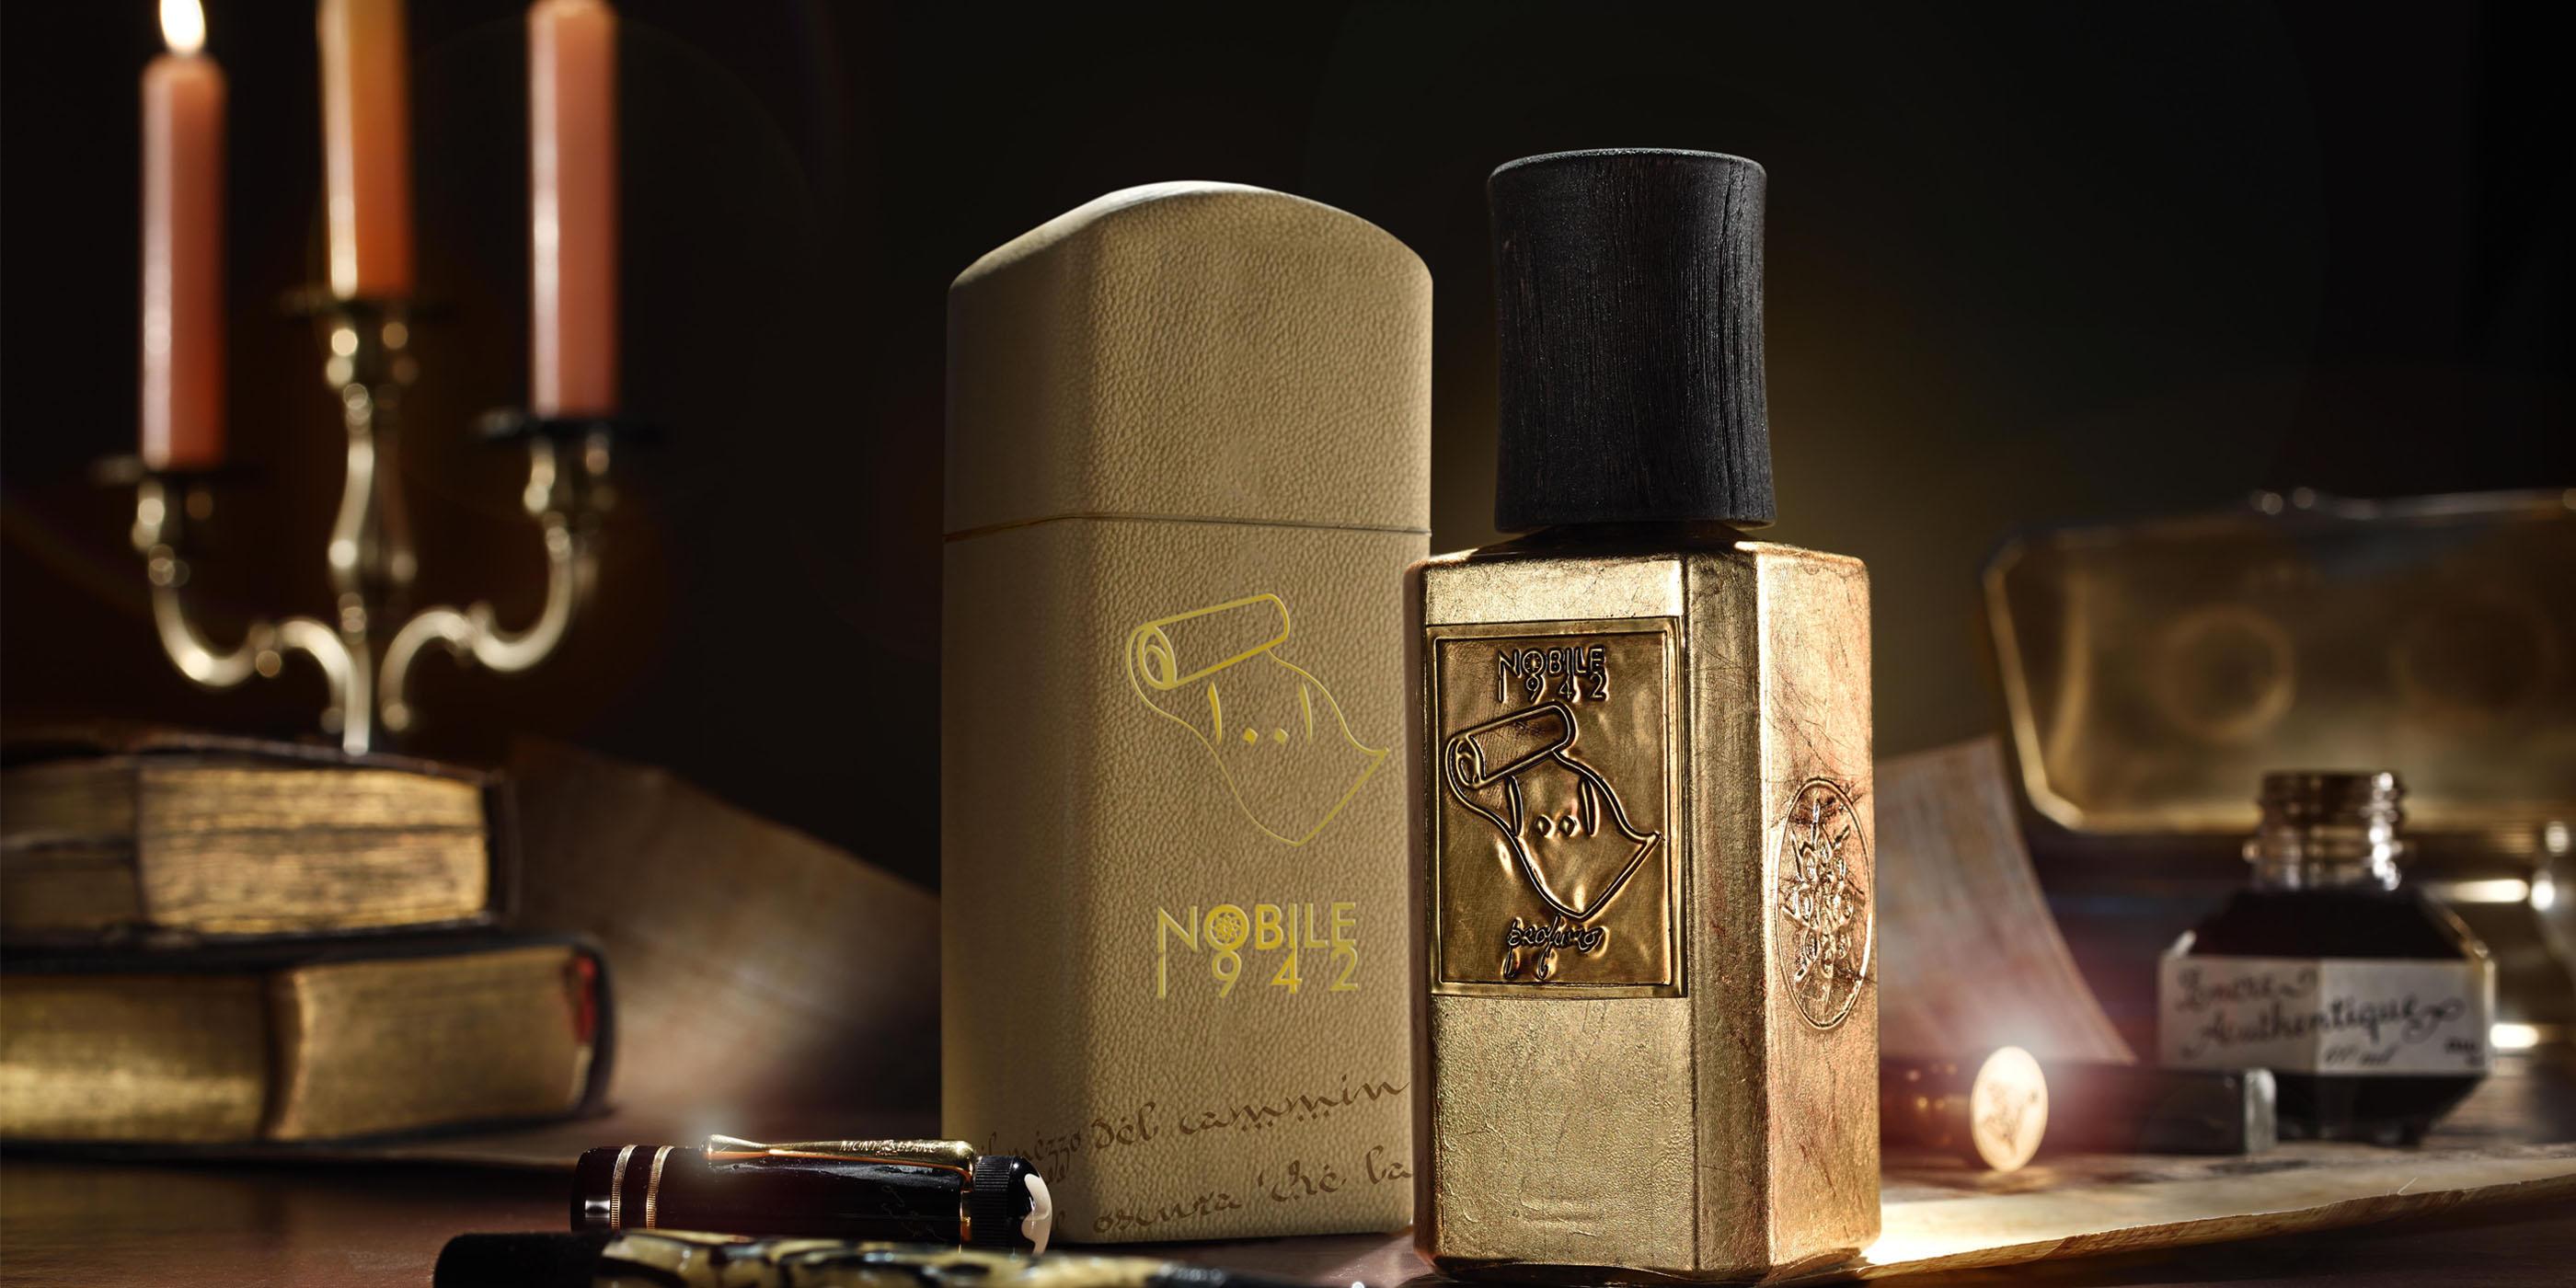 Noblie1942 Gold